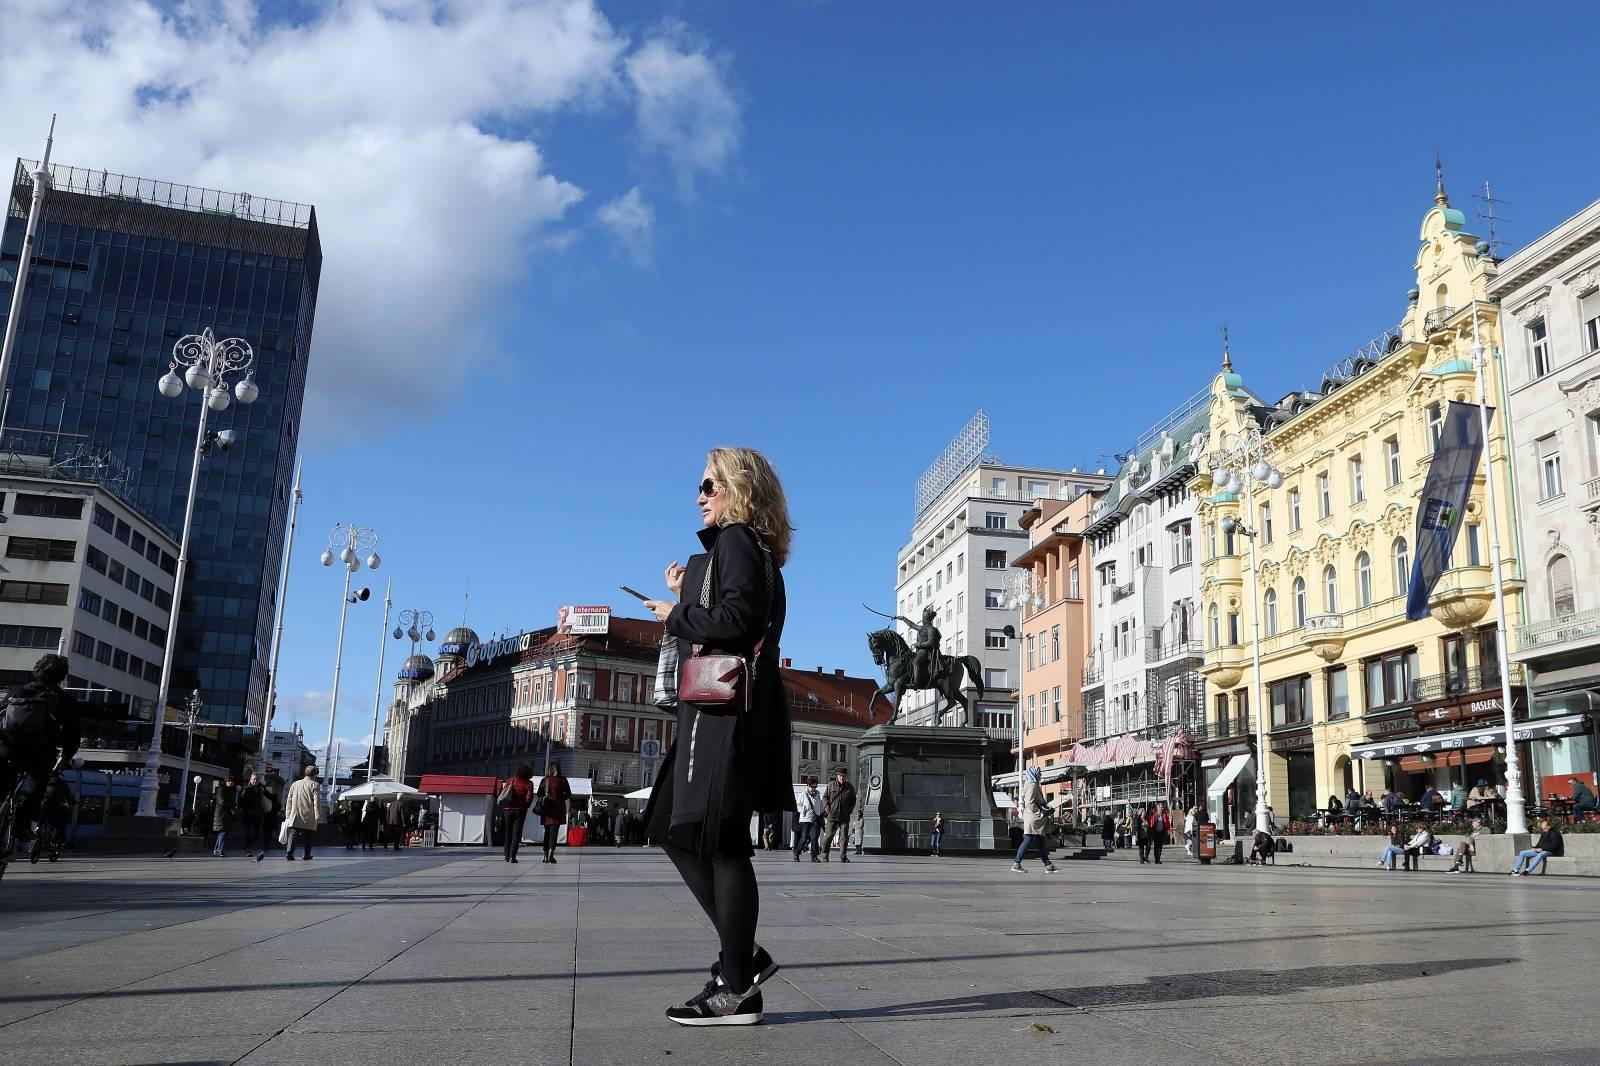 Sunčan jesenski dan u centru Zagreba